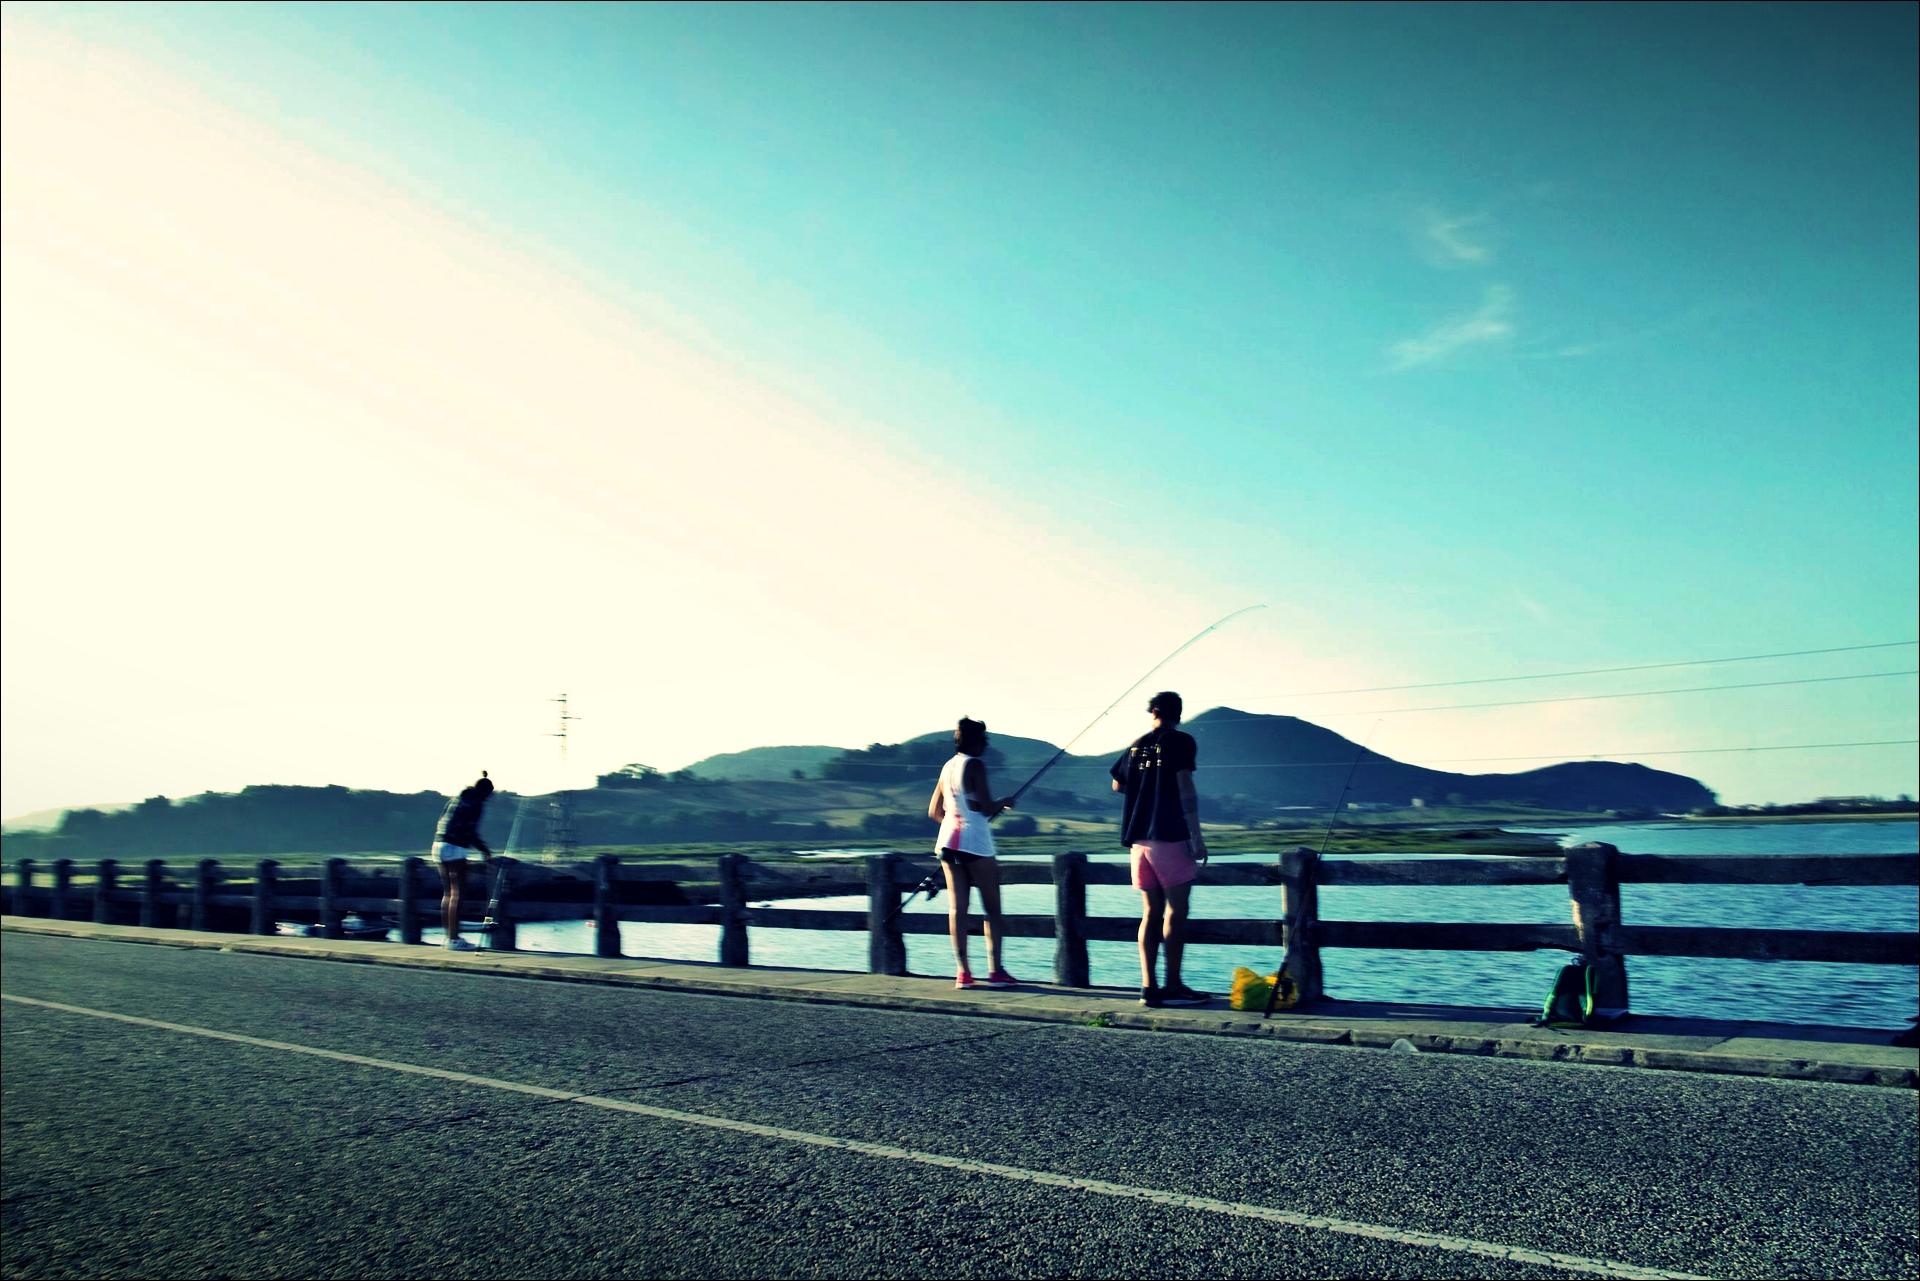 낚시꾼-'카미노 데 산티아고 북쪽길. 리엔도에서 산토냐. (Camino del Norte - Liendo to Santoña) '